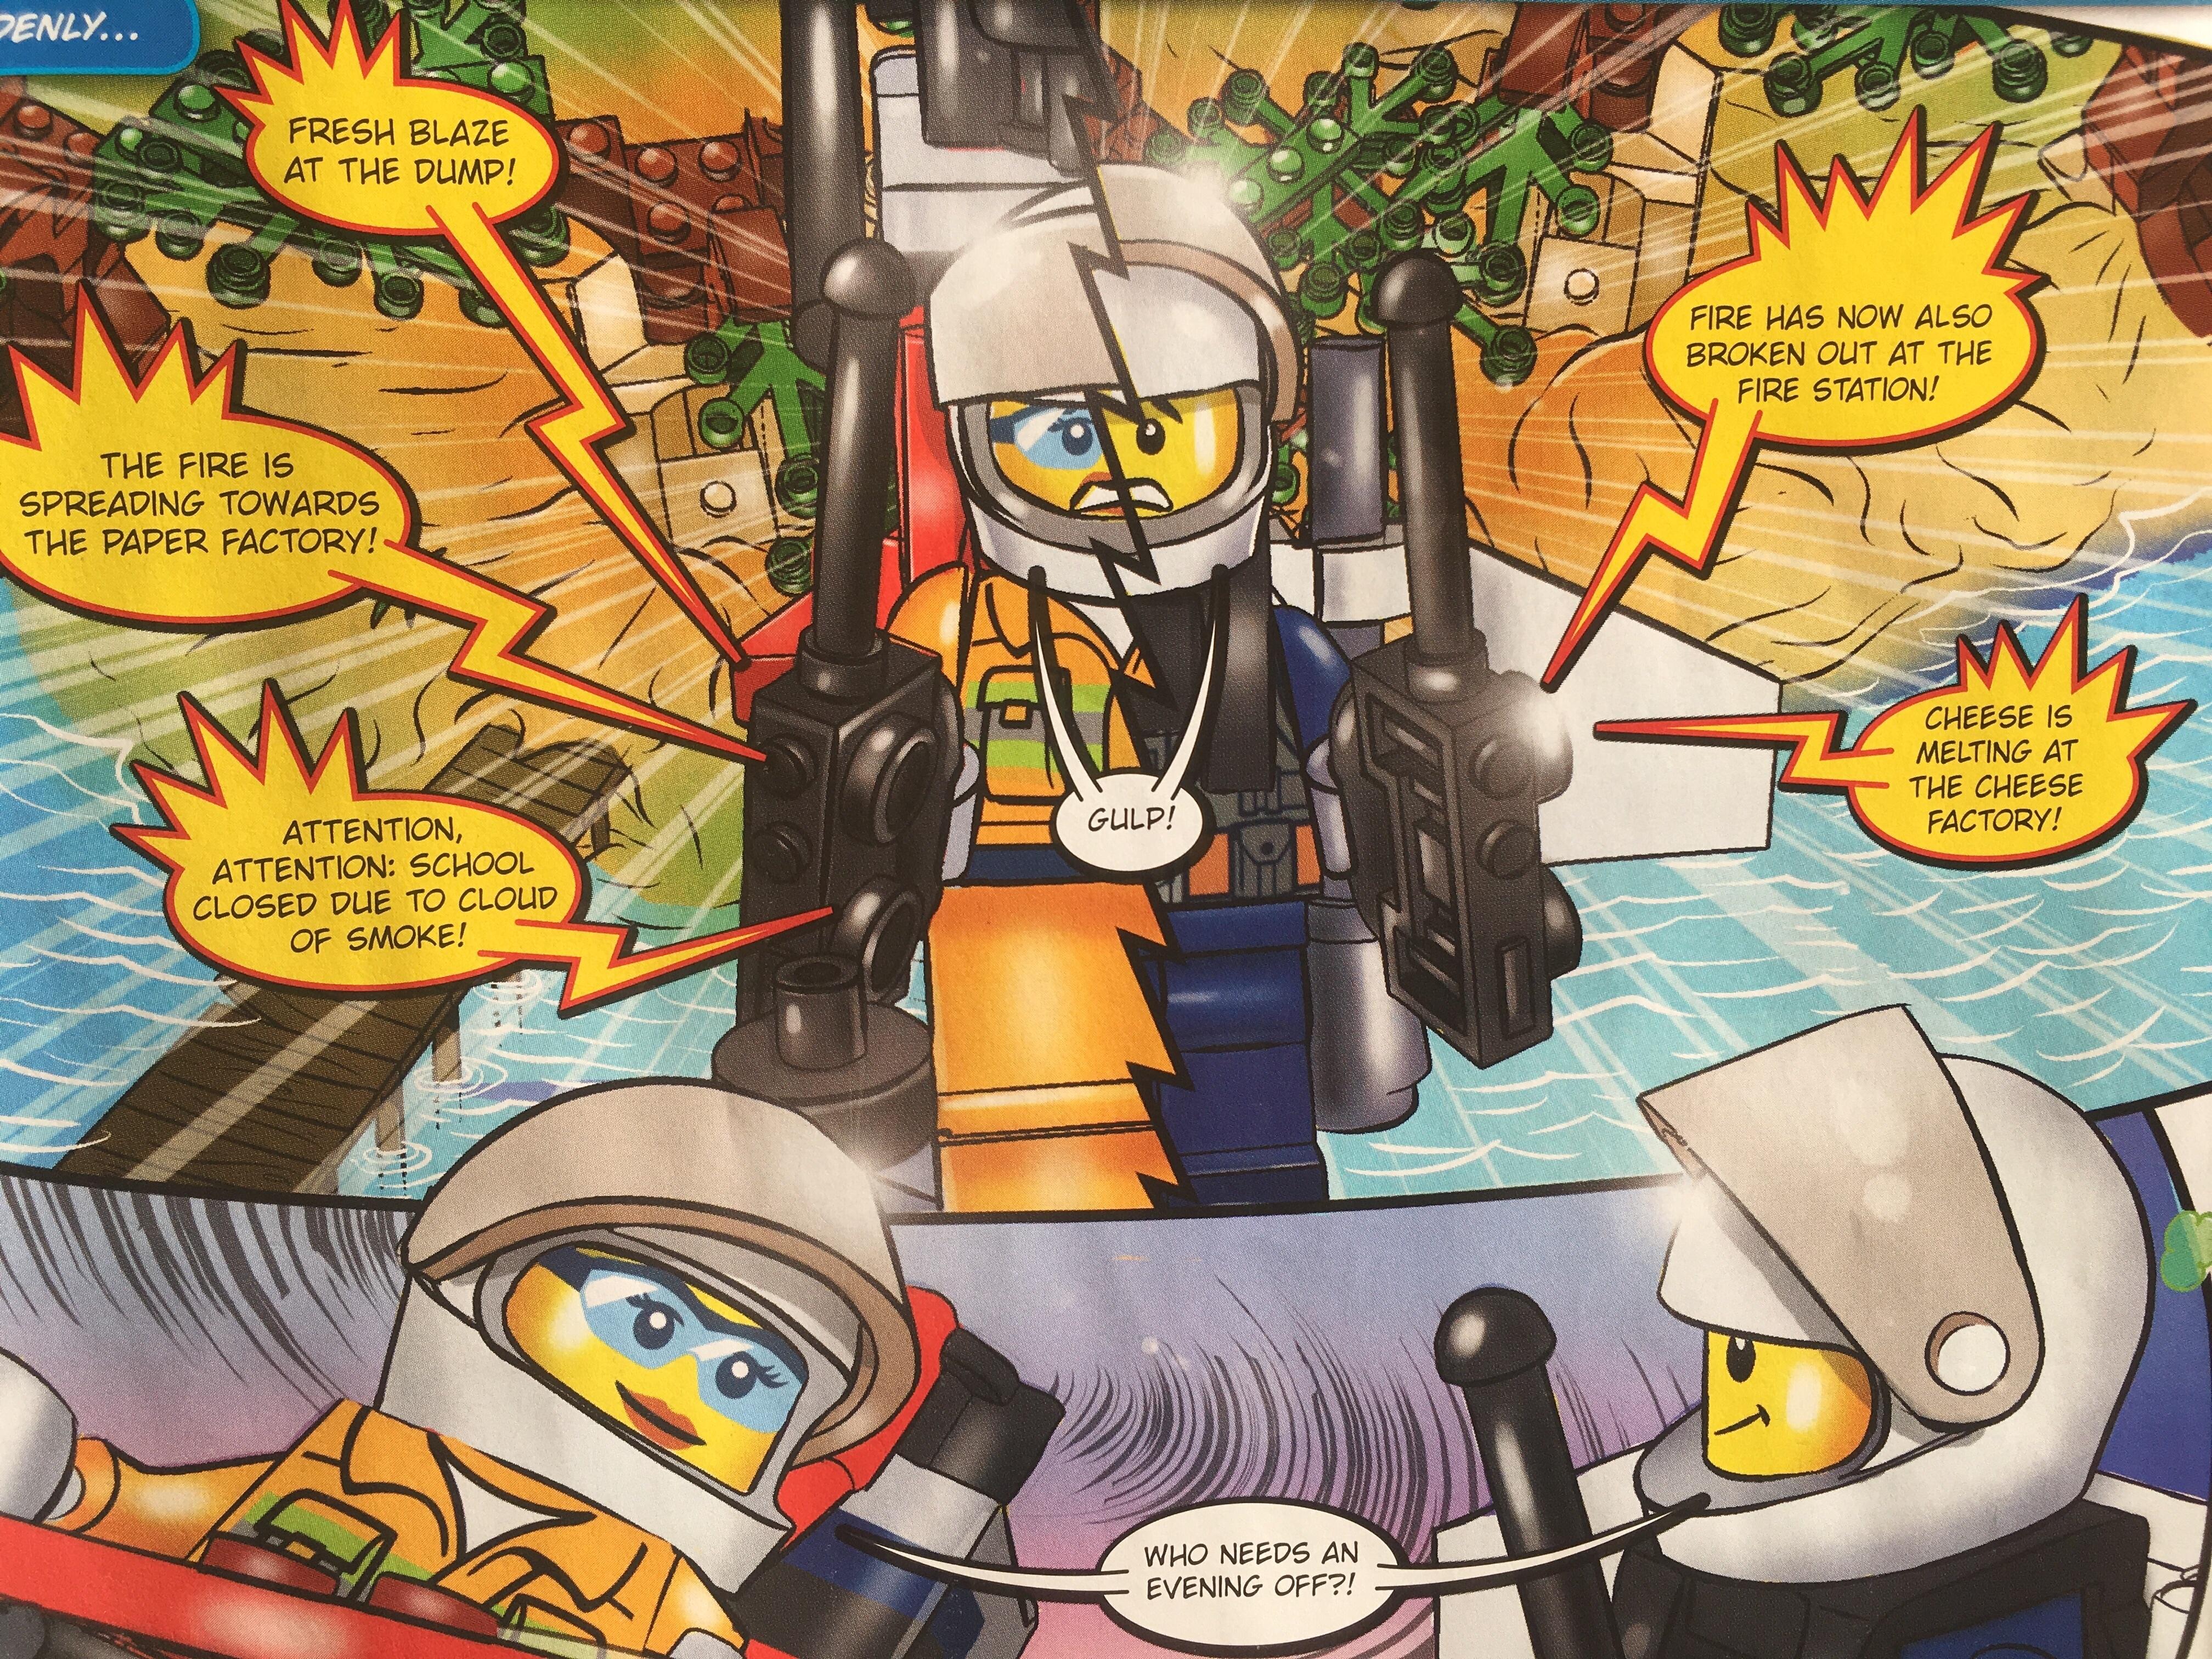 LEGO City Magazine Issue 15